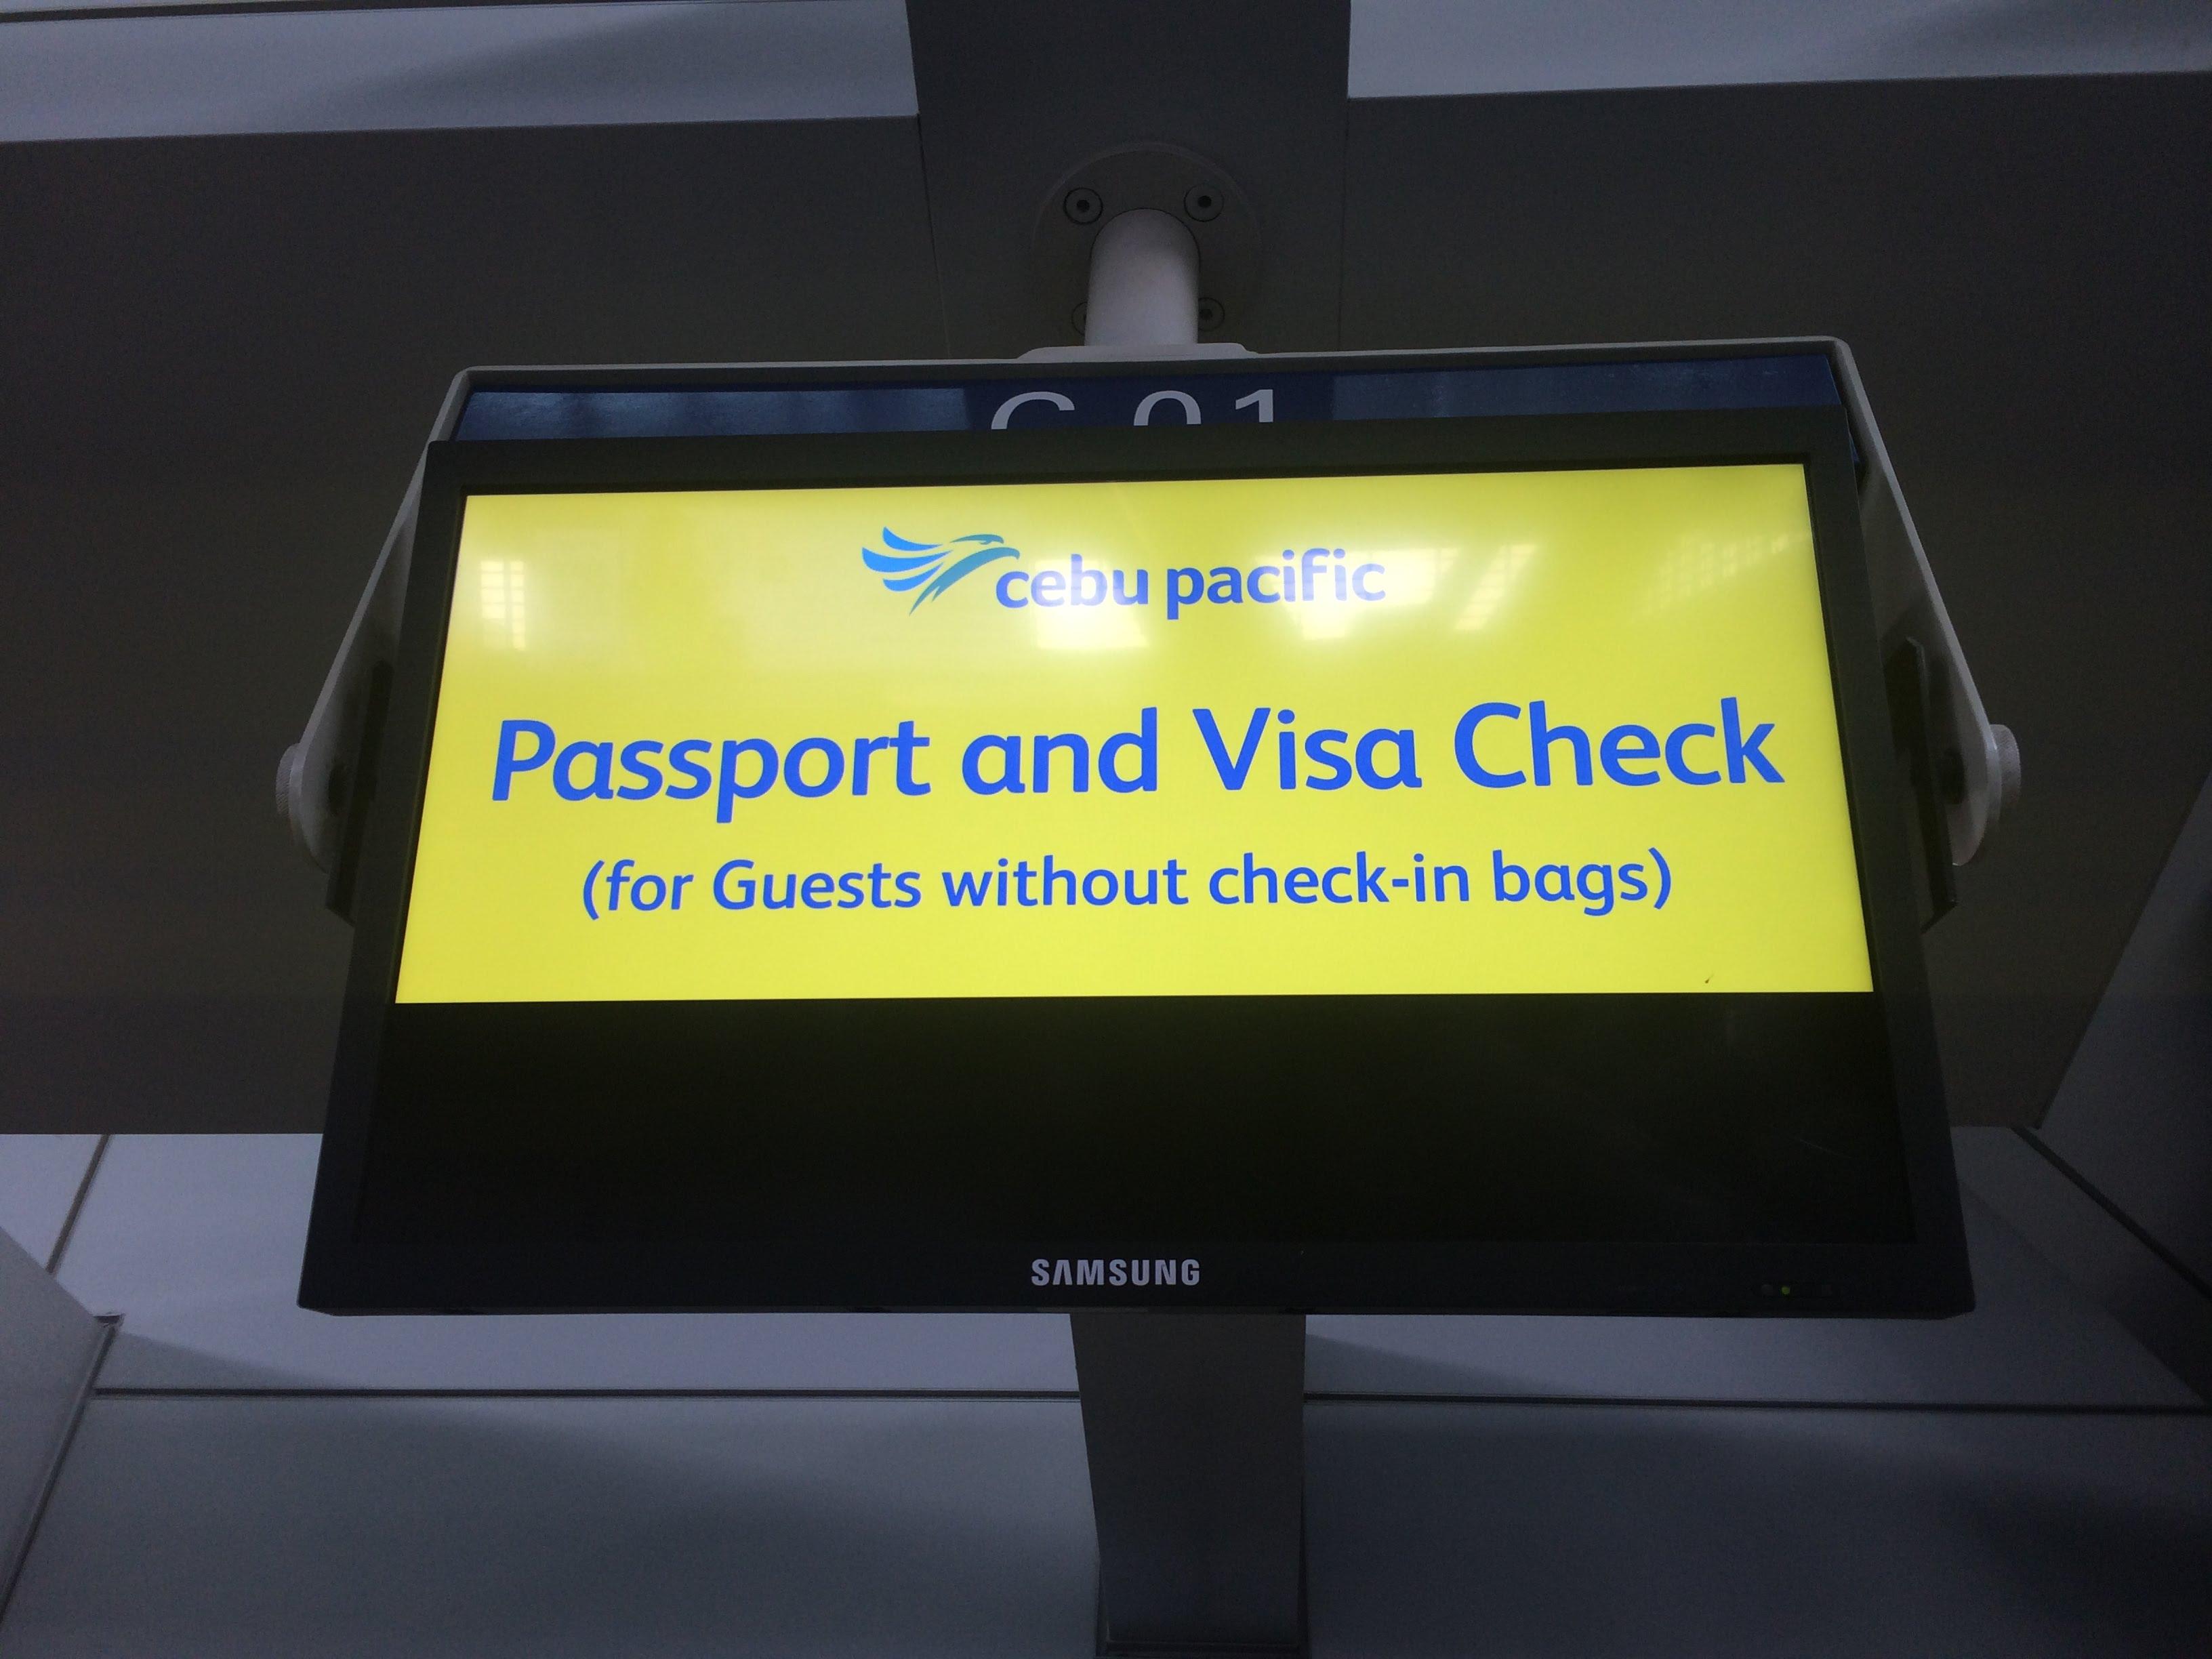 2018年初頭マニラ国際空港から関西国際空港までセブパシフィック航空を利用してみた件